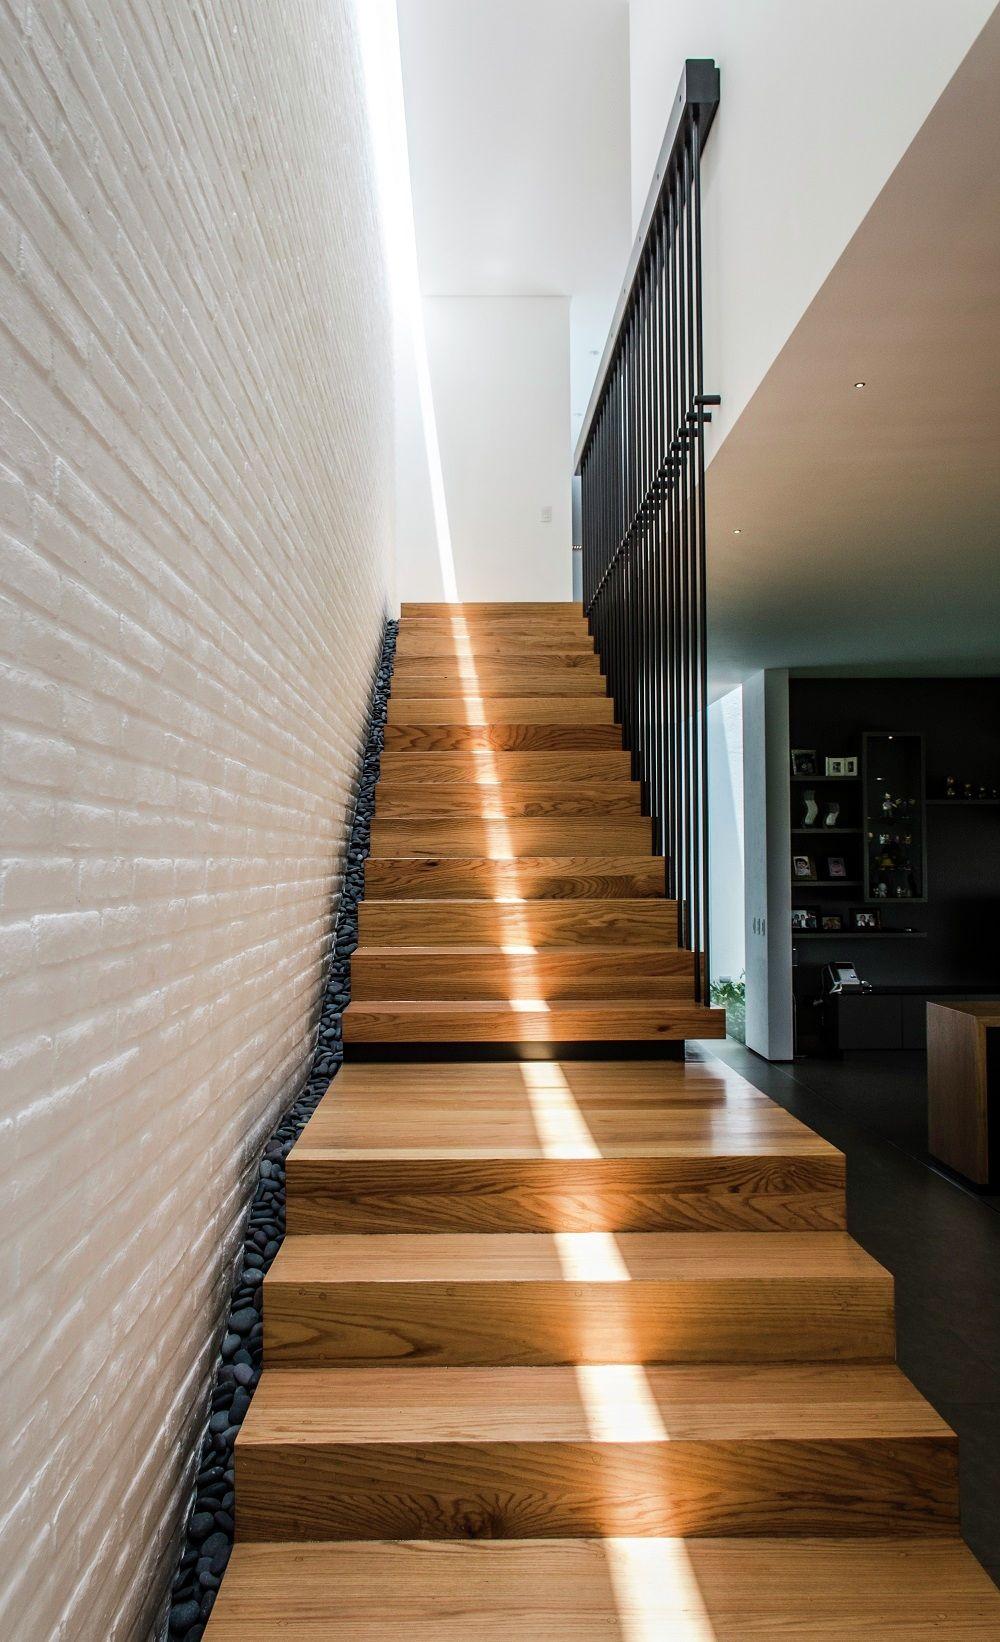 Arquitectura Casas Escaleras Exteriores Arquitectura: Galería De Casa B+G / ADI Arquitectura Y Diseño Interior - 3 En 2020